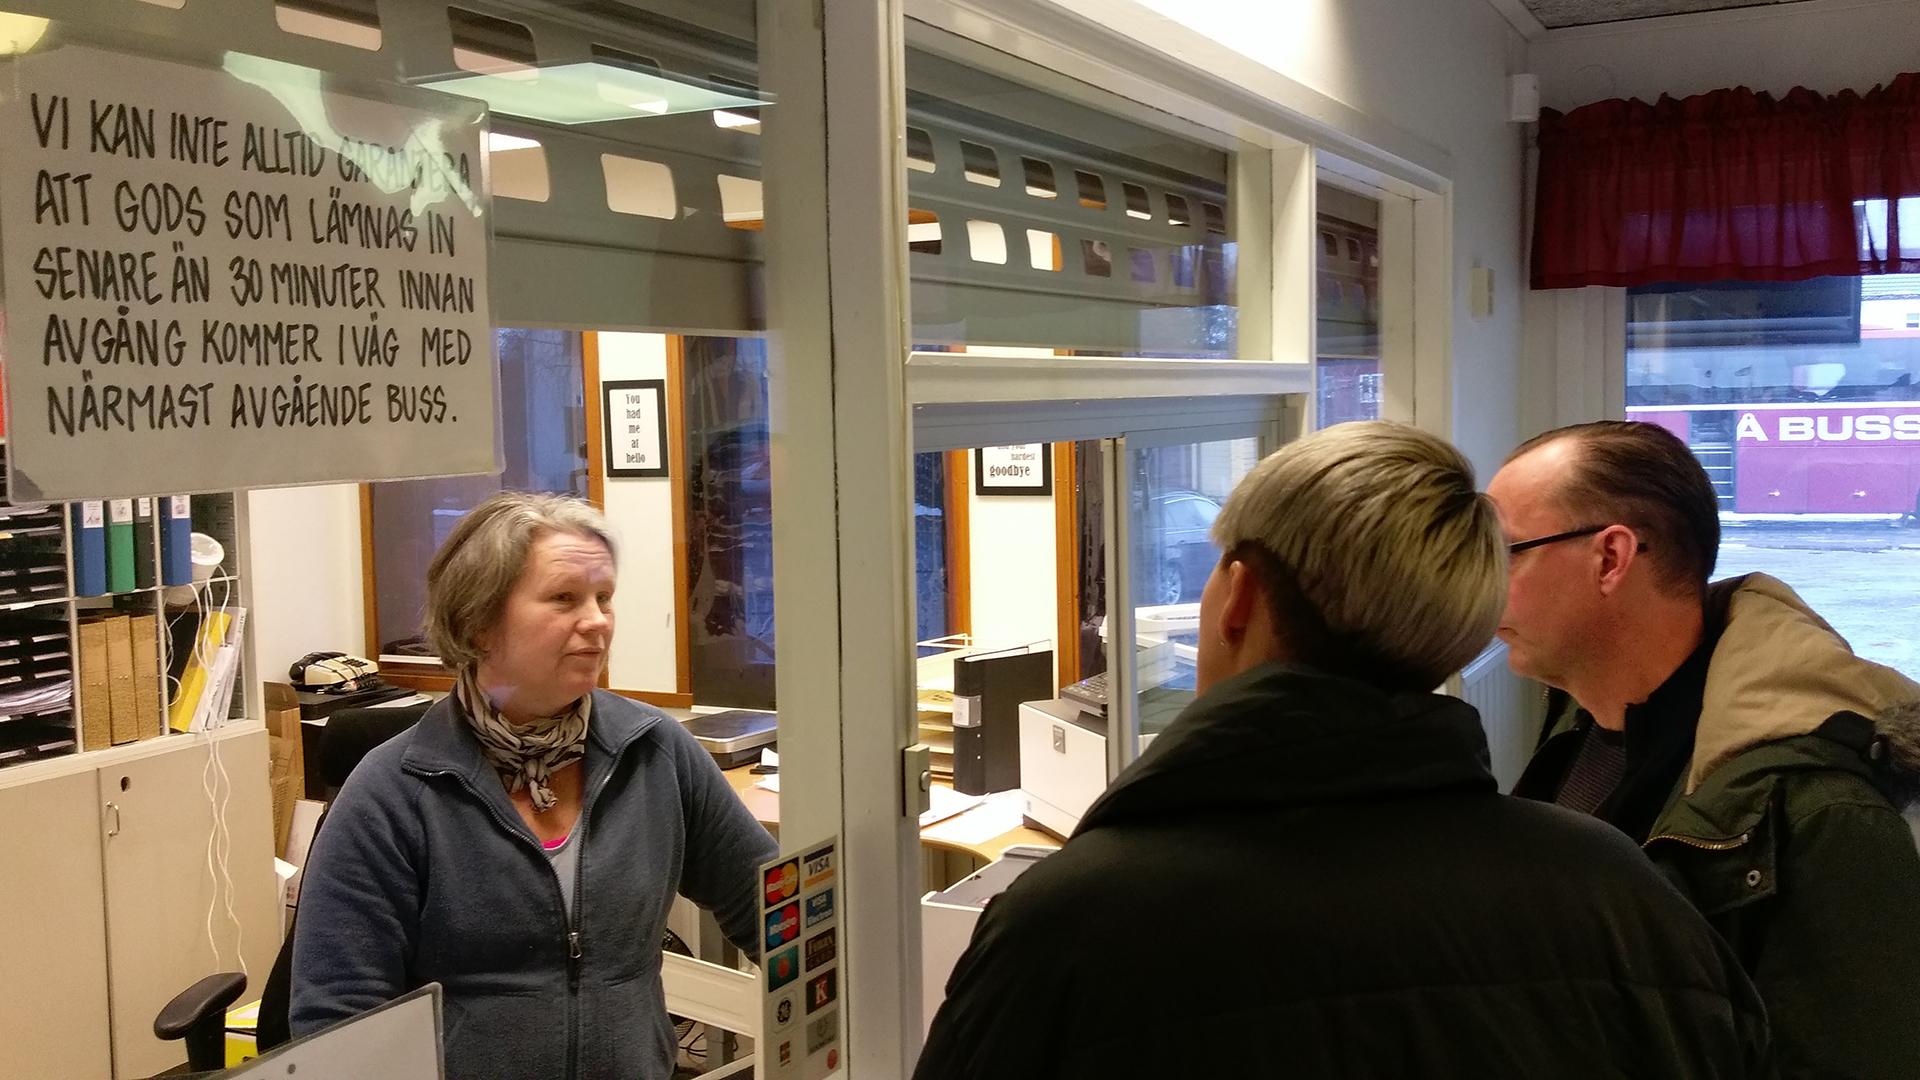 Två personer står och pratar med en kvinna som jobbar på Sorsele busstation.